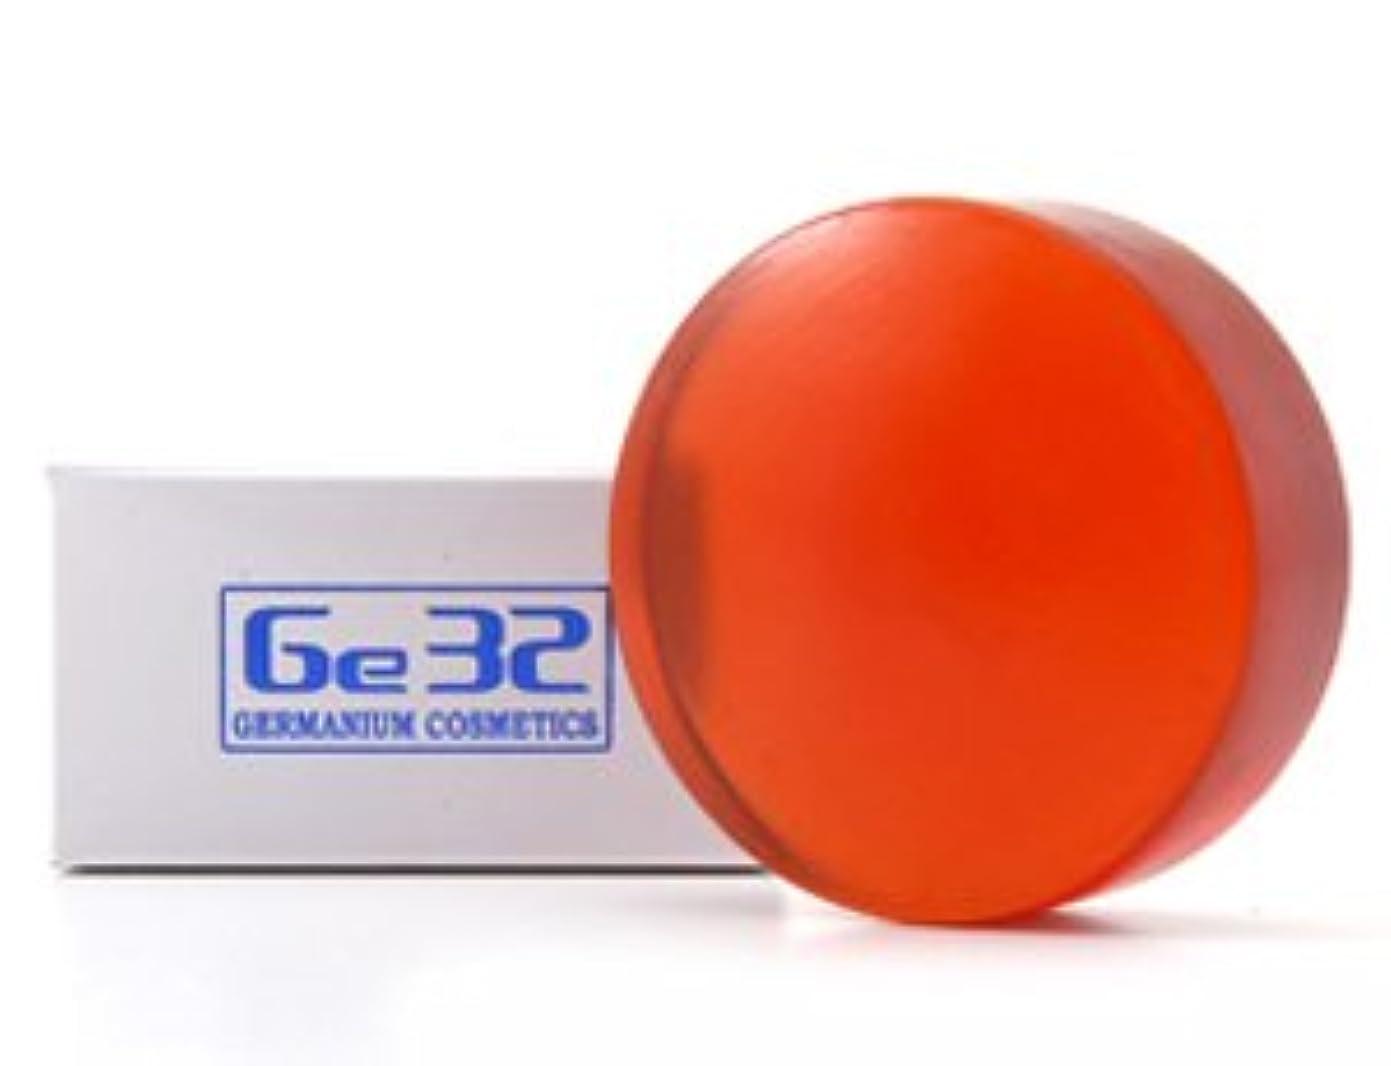 プレートジョージスティーブンソン設計図フェイスクリエイトGe32ソープ